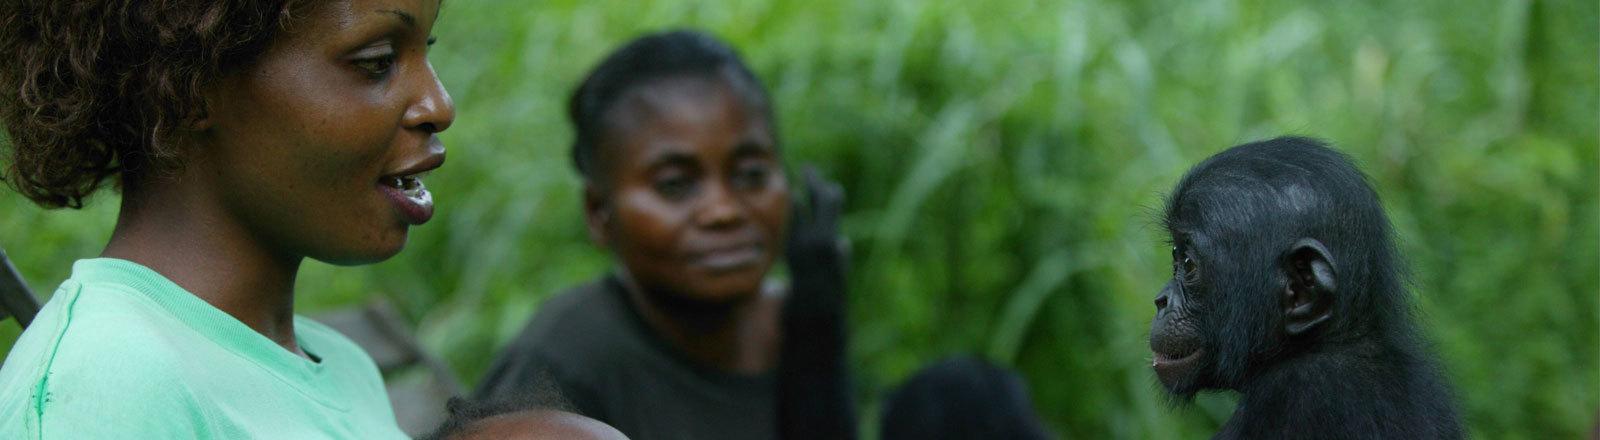 Pflegemutter für Bonobowaise im Kongo